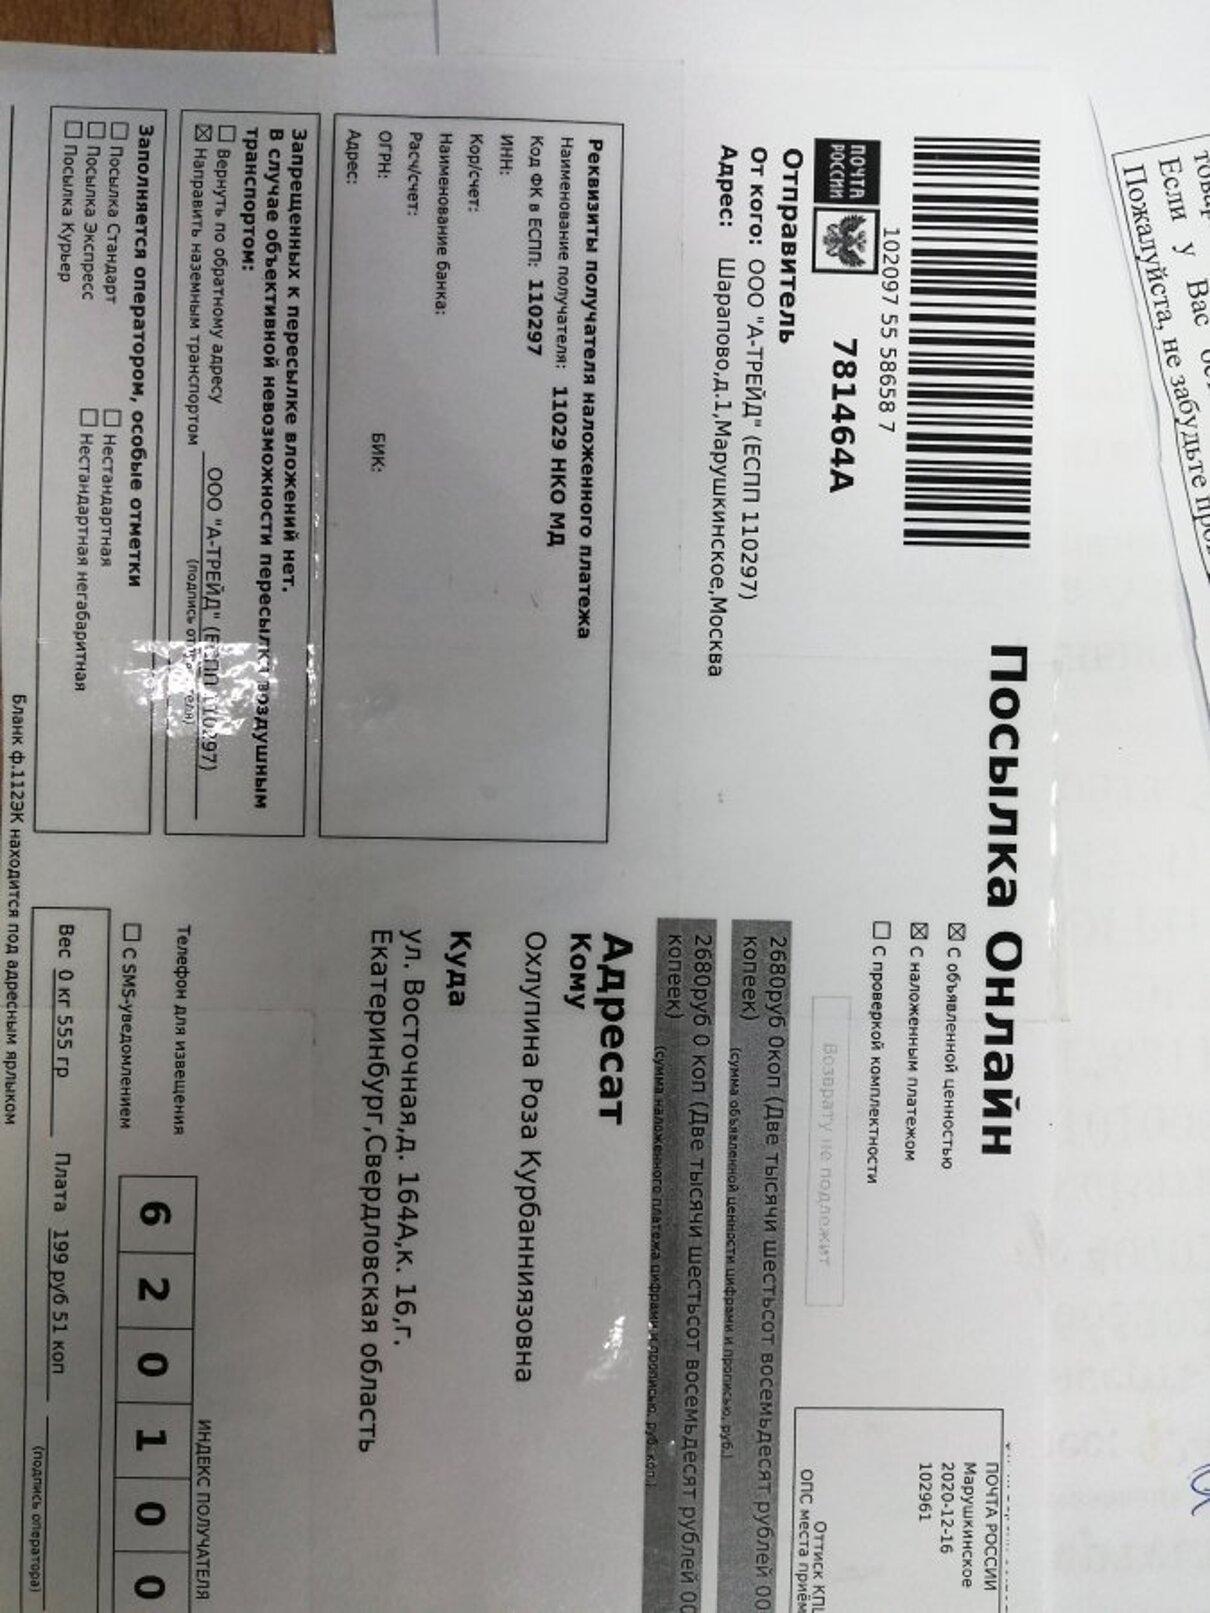 Жалоба-отзыв: ООО А-ТРЕЙД (ЕСПП 110297) - Мошеничество, прислали не тот товар.  Фото №4